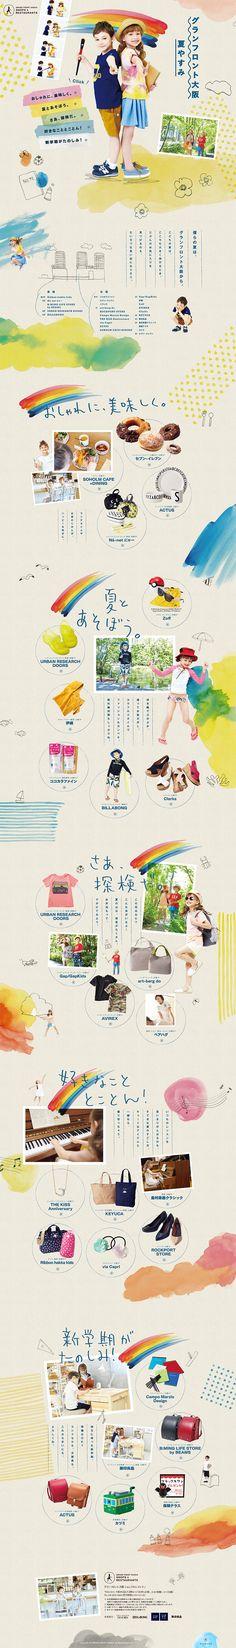 グランフロント大阪夏休み【サービス関連】のLPデザイン。WEBデザイナーさん必見!ランディングページのデザイン参考に(かわいい系)                                                                                                                                                                                 もっと見る